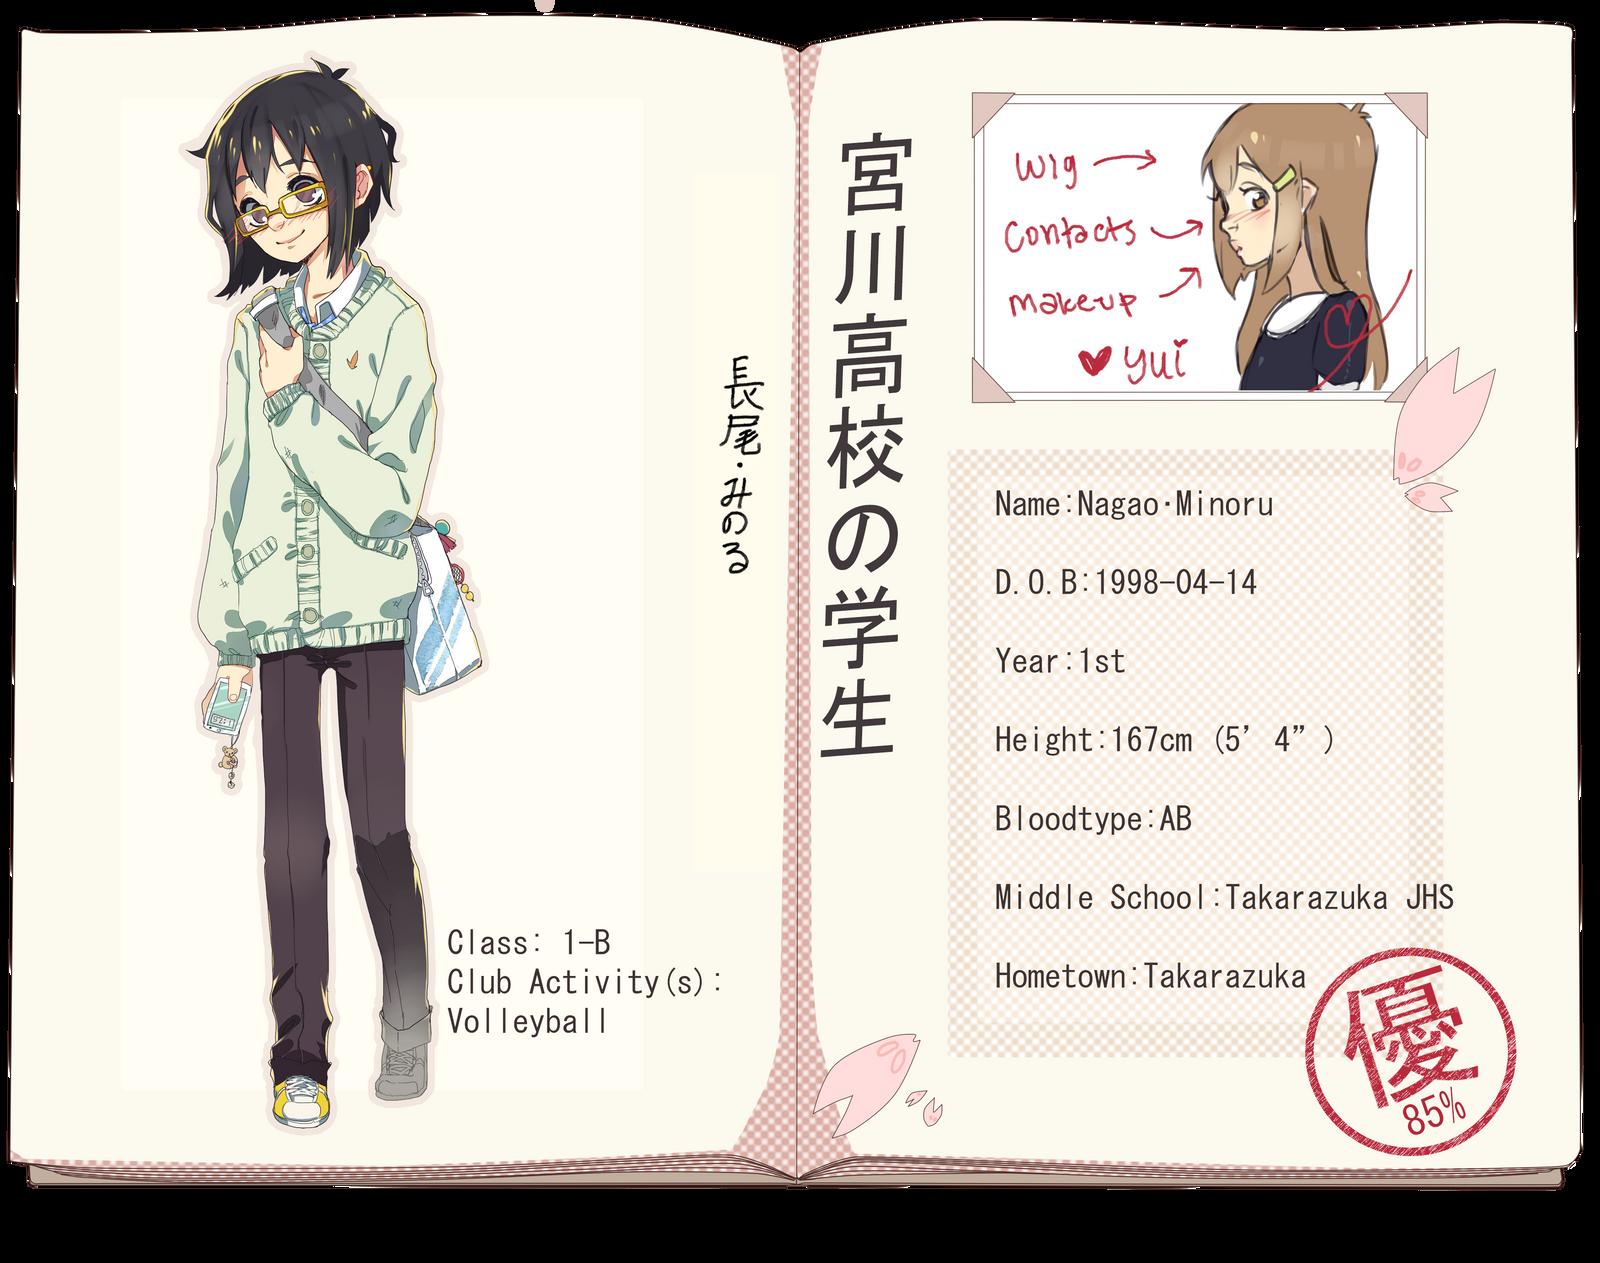 MH App - Nagao Minoru by Poiizu